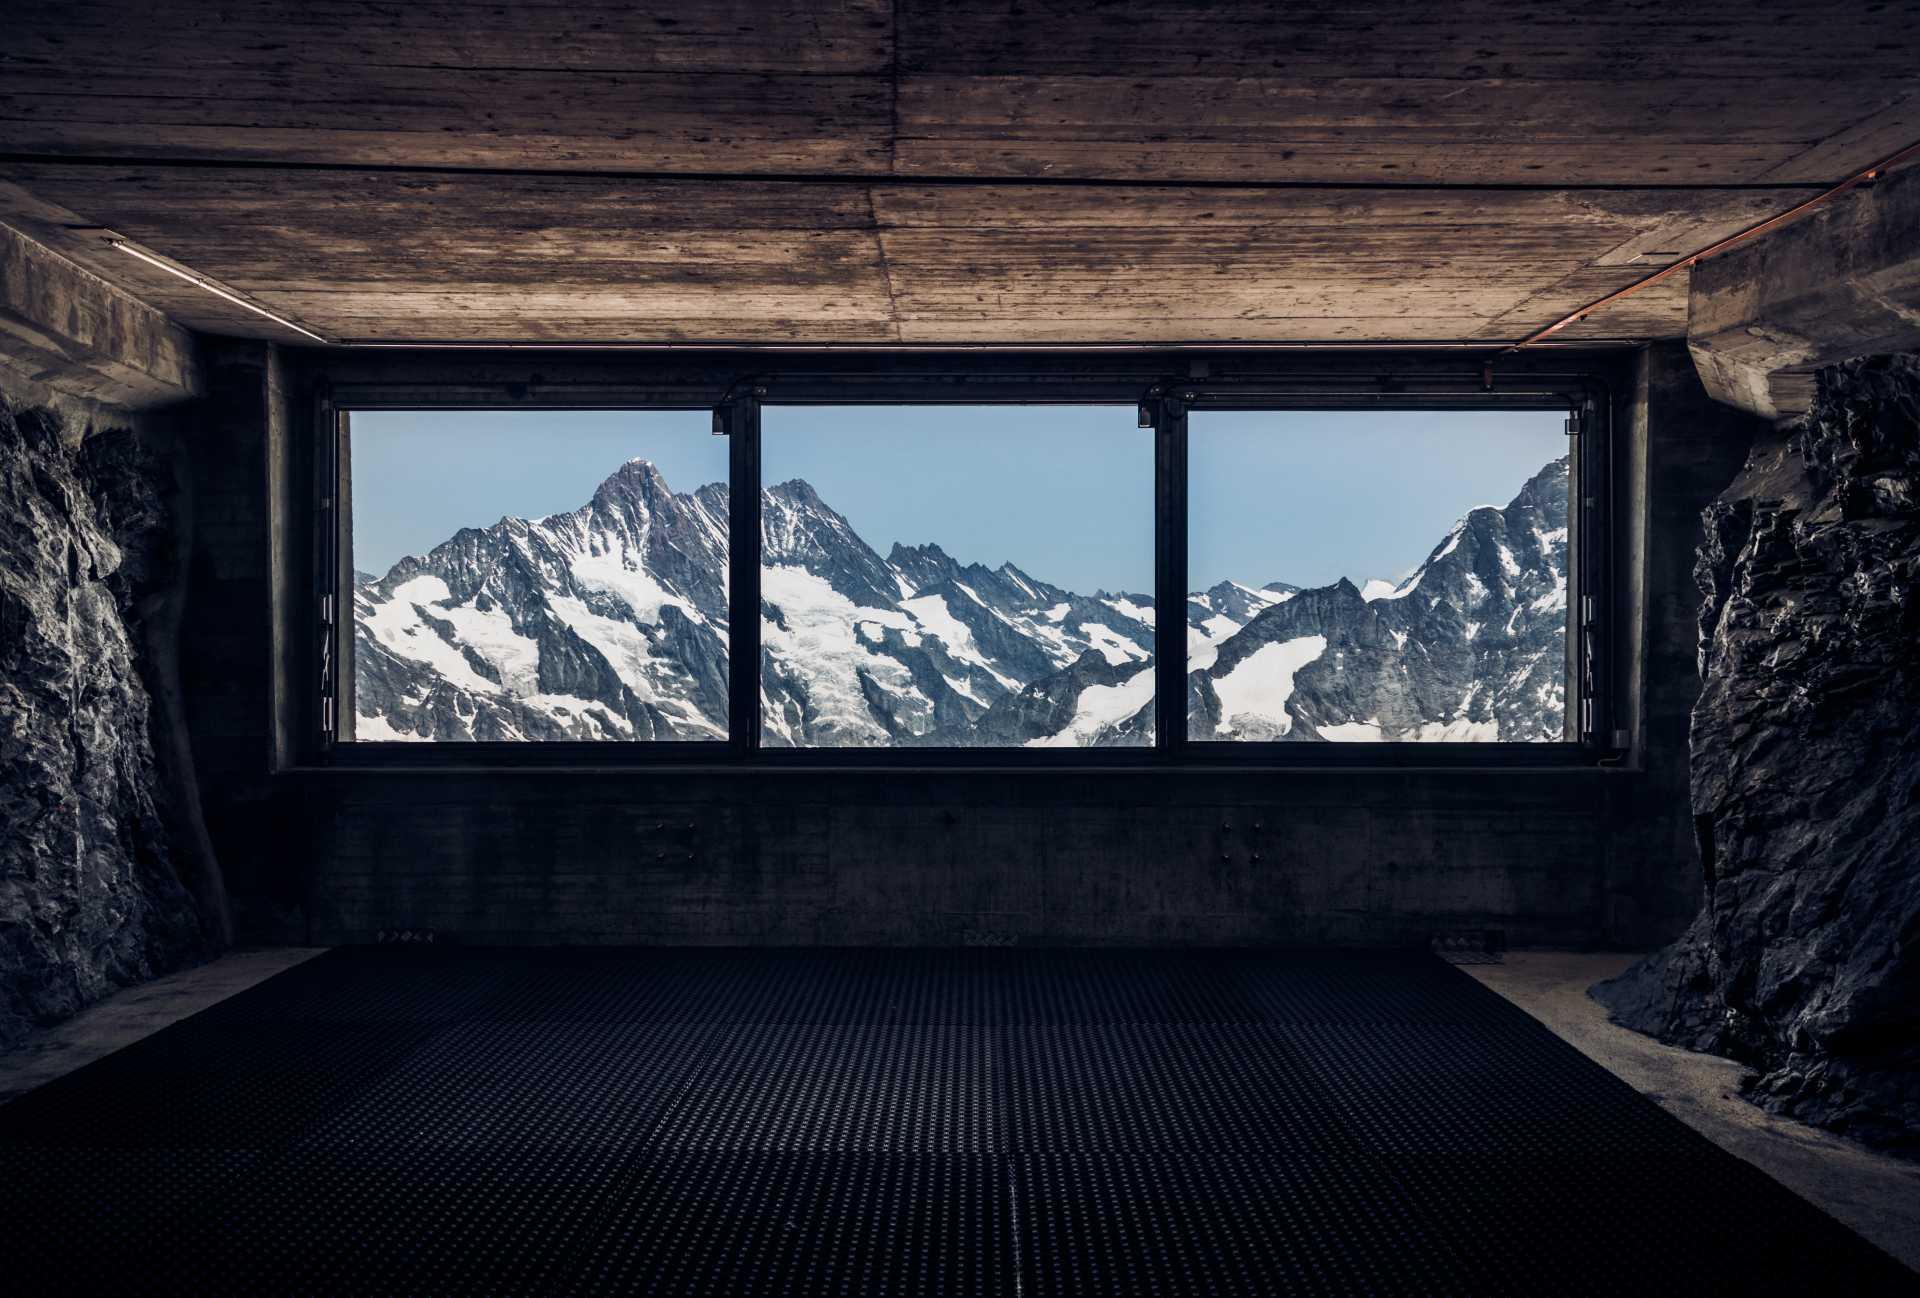 uitzicht op berg vanuit raam